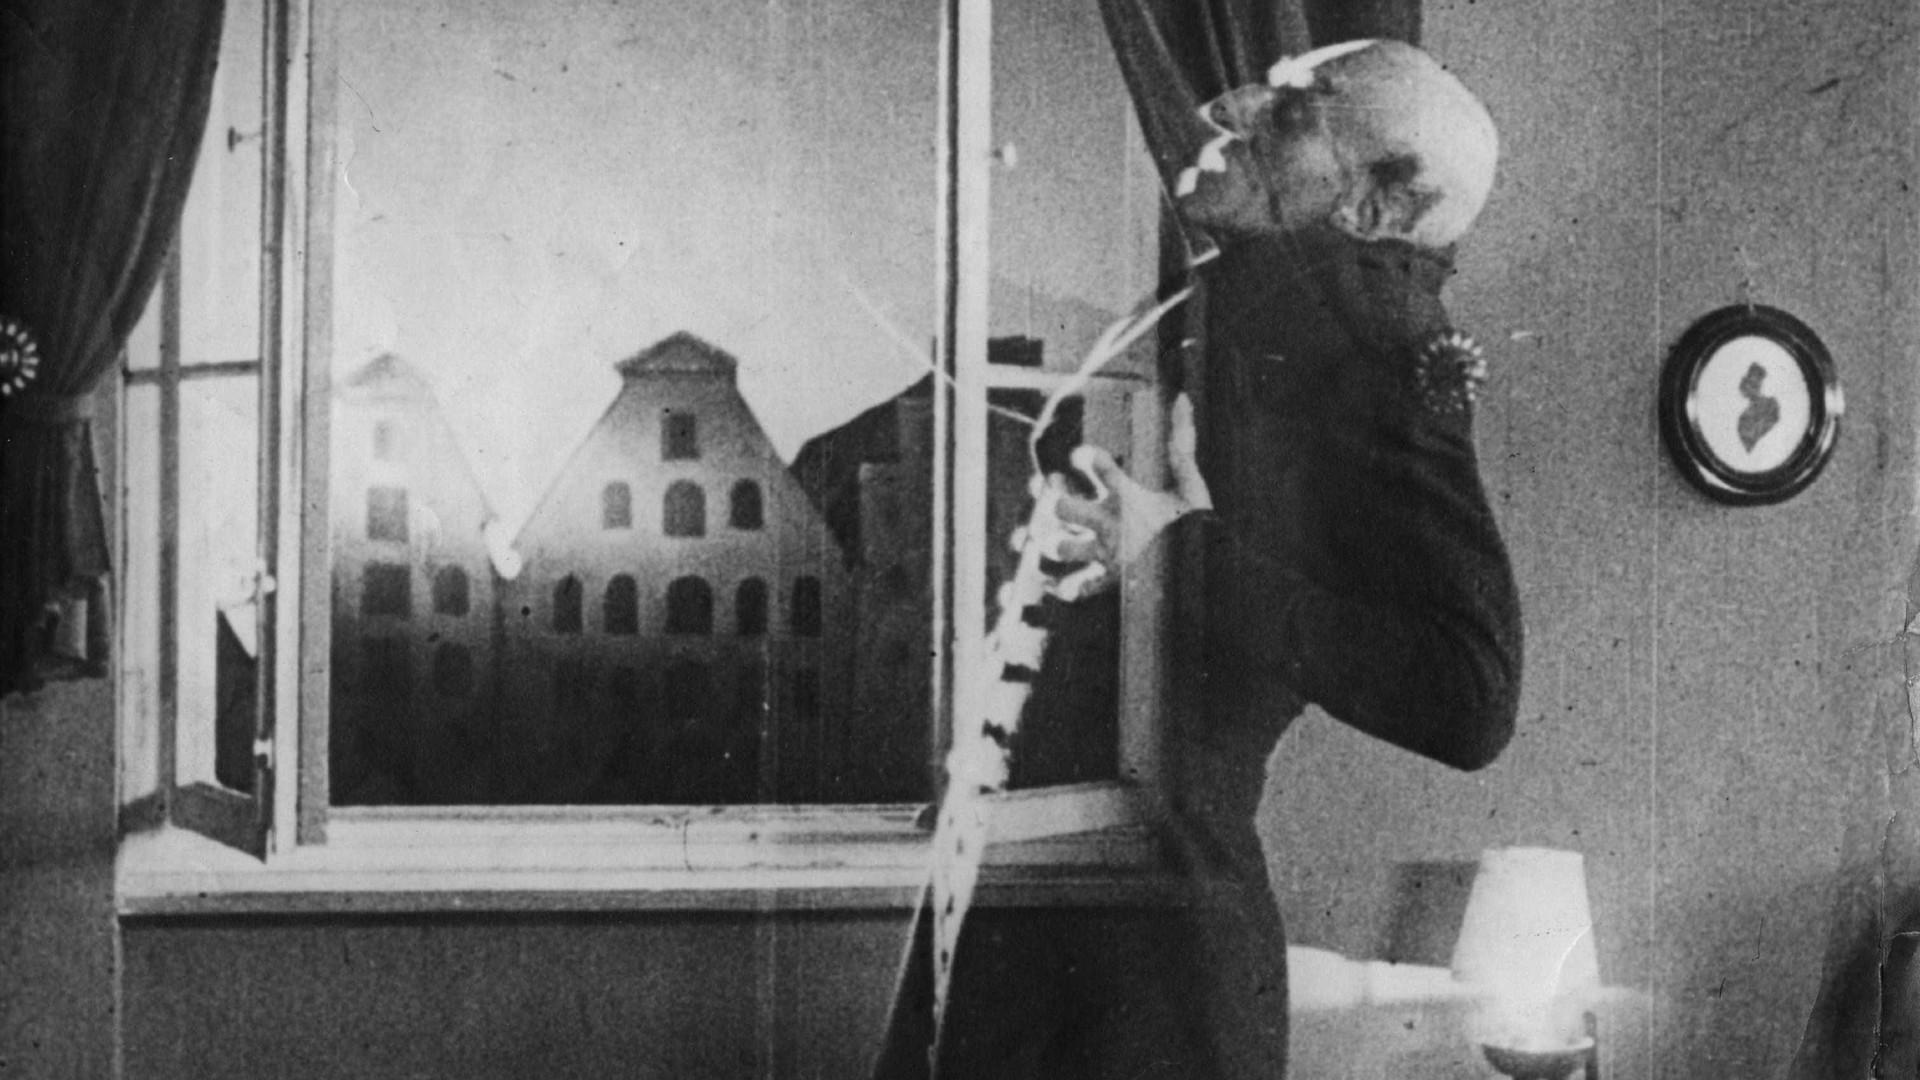 SP terá sessões inéditas de 'Nosferatu' com trilha sonora ao vivo